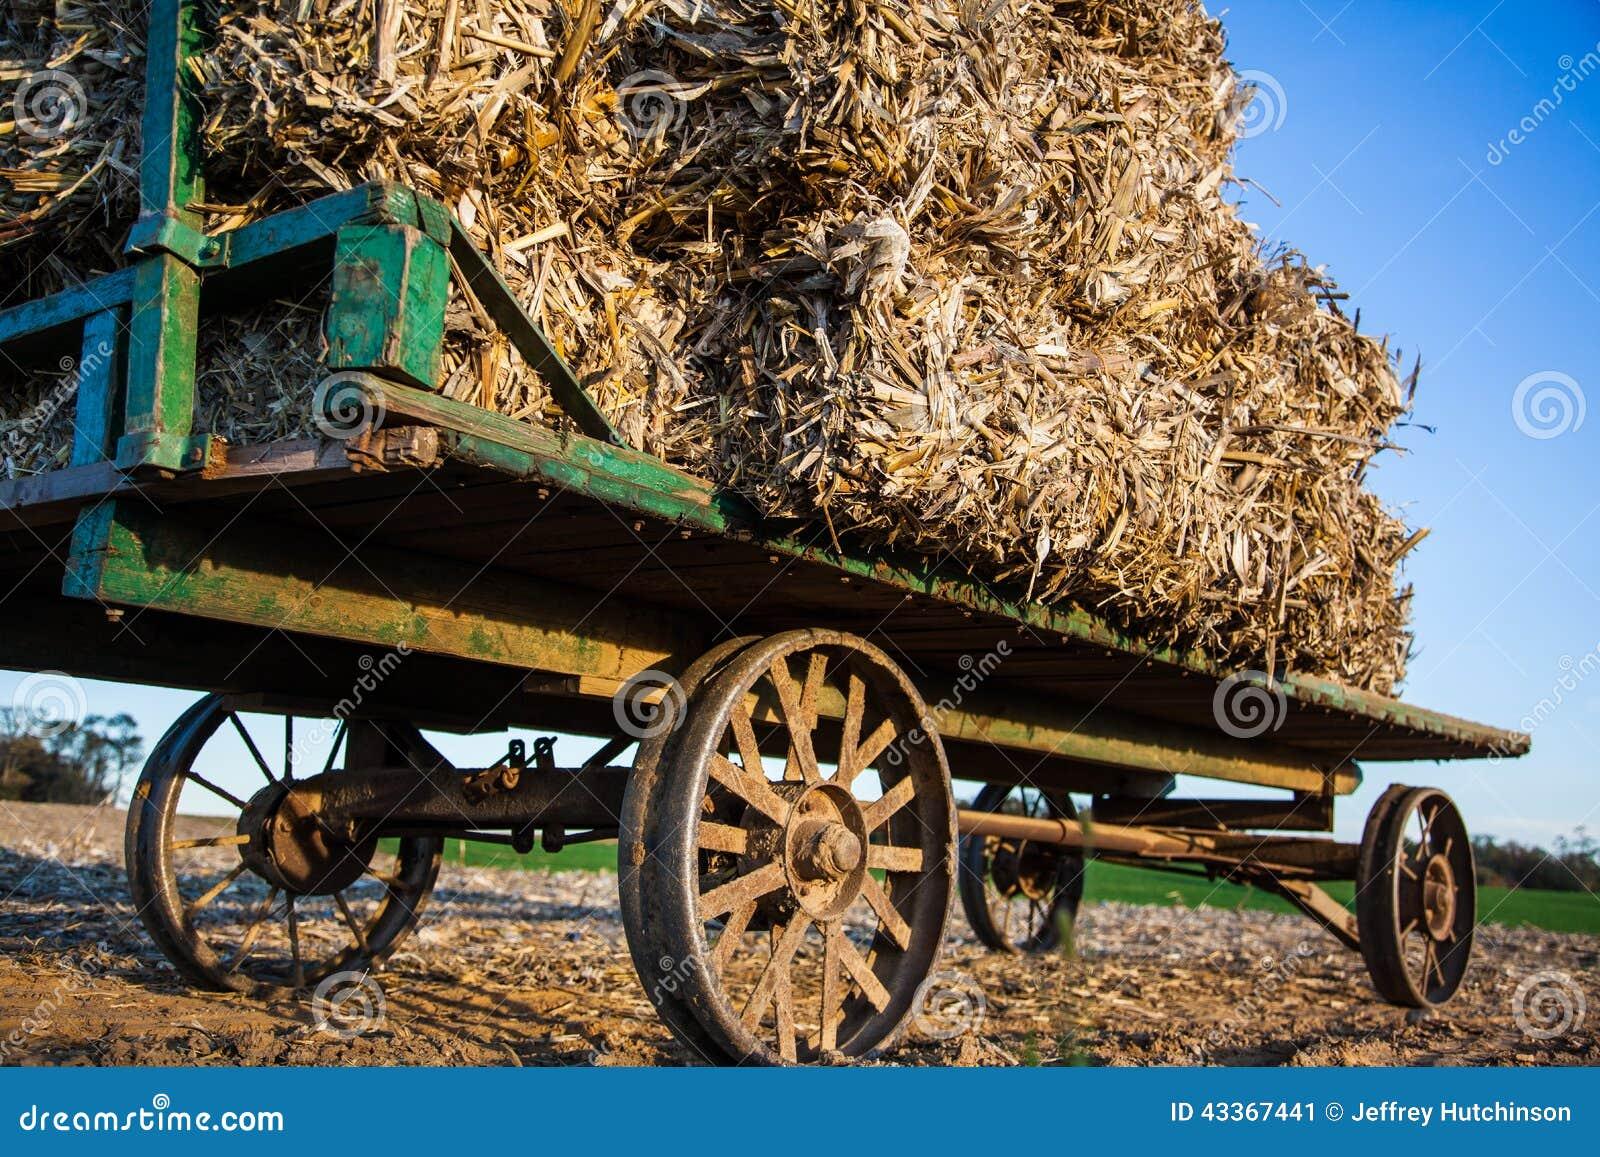 Pacotes de feno empilhados no vagão antigo de amish